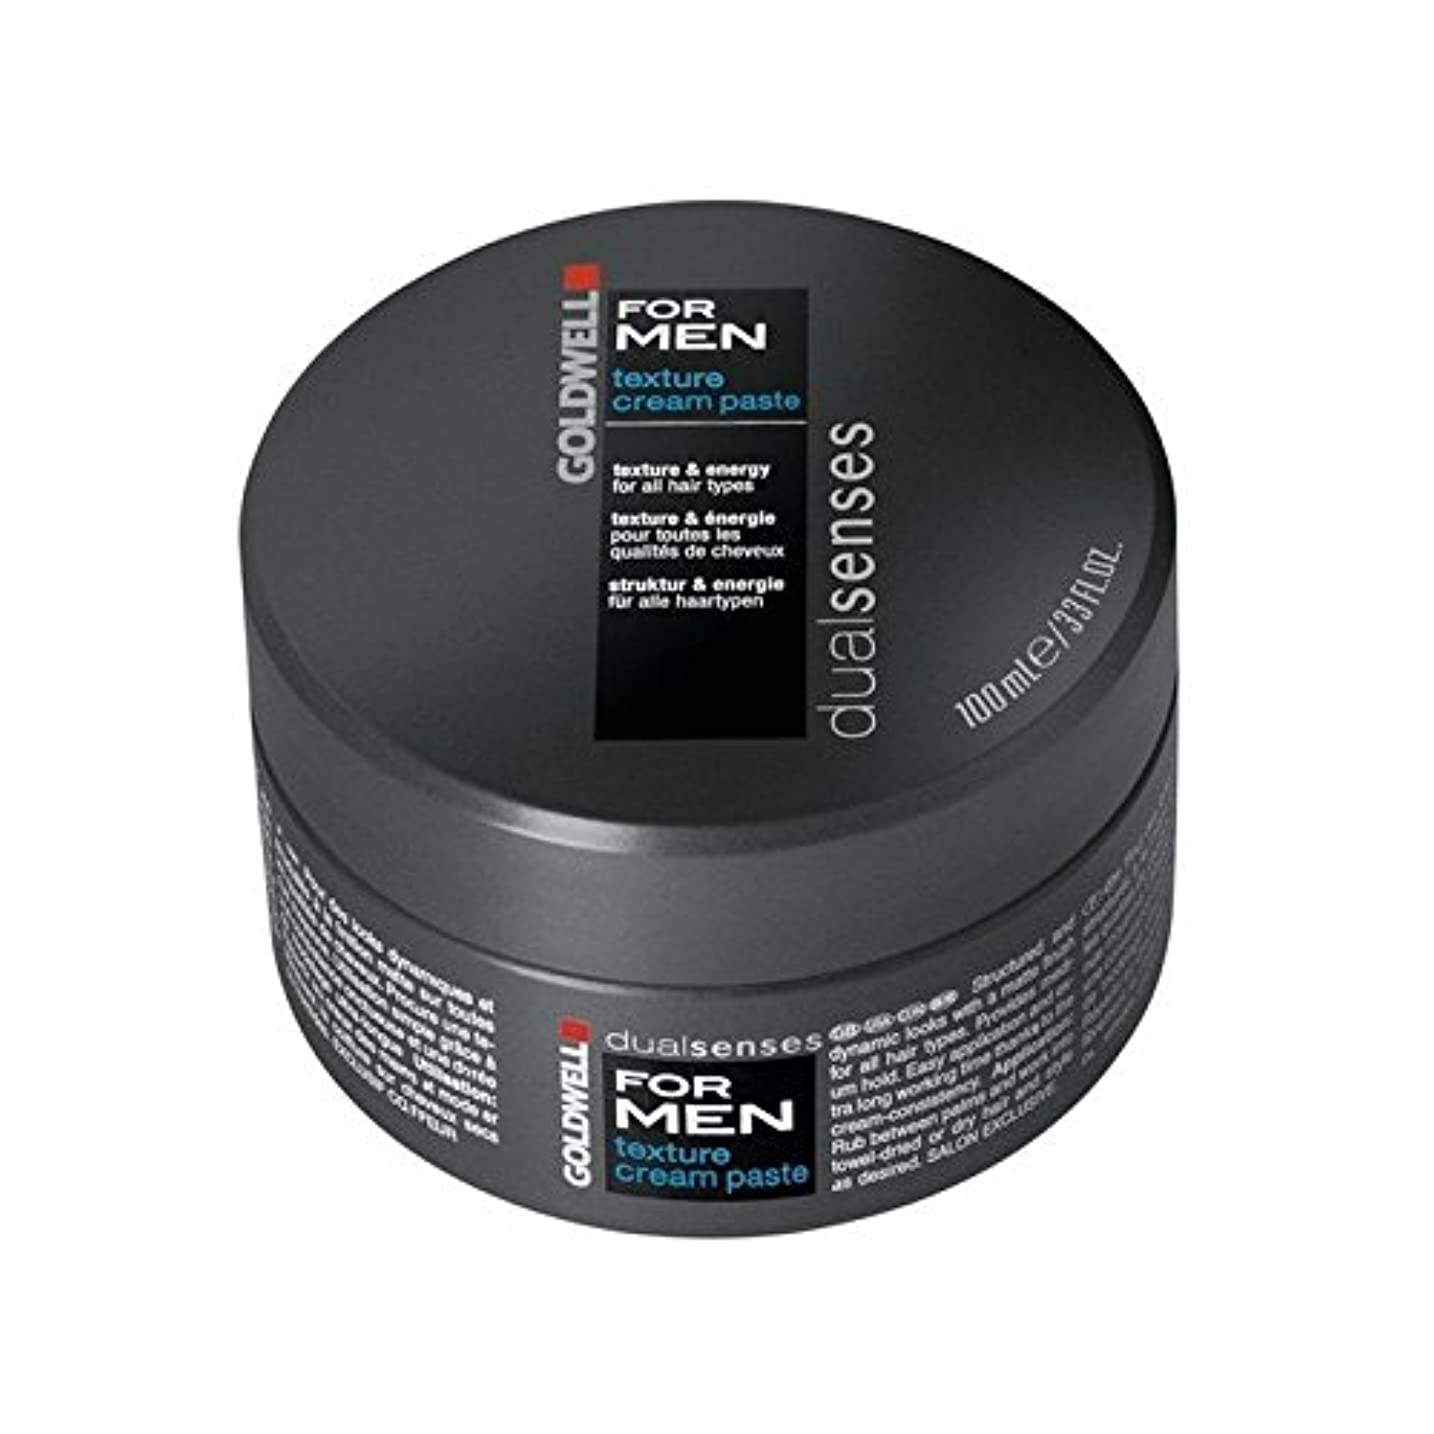 ダム本当にファーム男性のテクスチャーのクリームペースト(100ミリリットル)のためのの x2 - Goldwell Dualsenses For Men Texture Cream Paste (100ml) (Pack of 2) [並行輸入品]